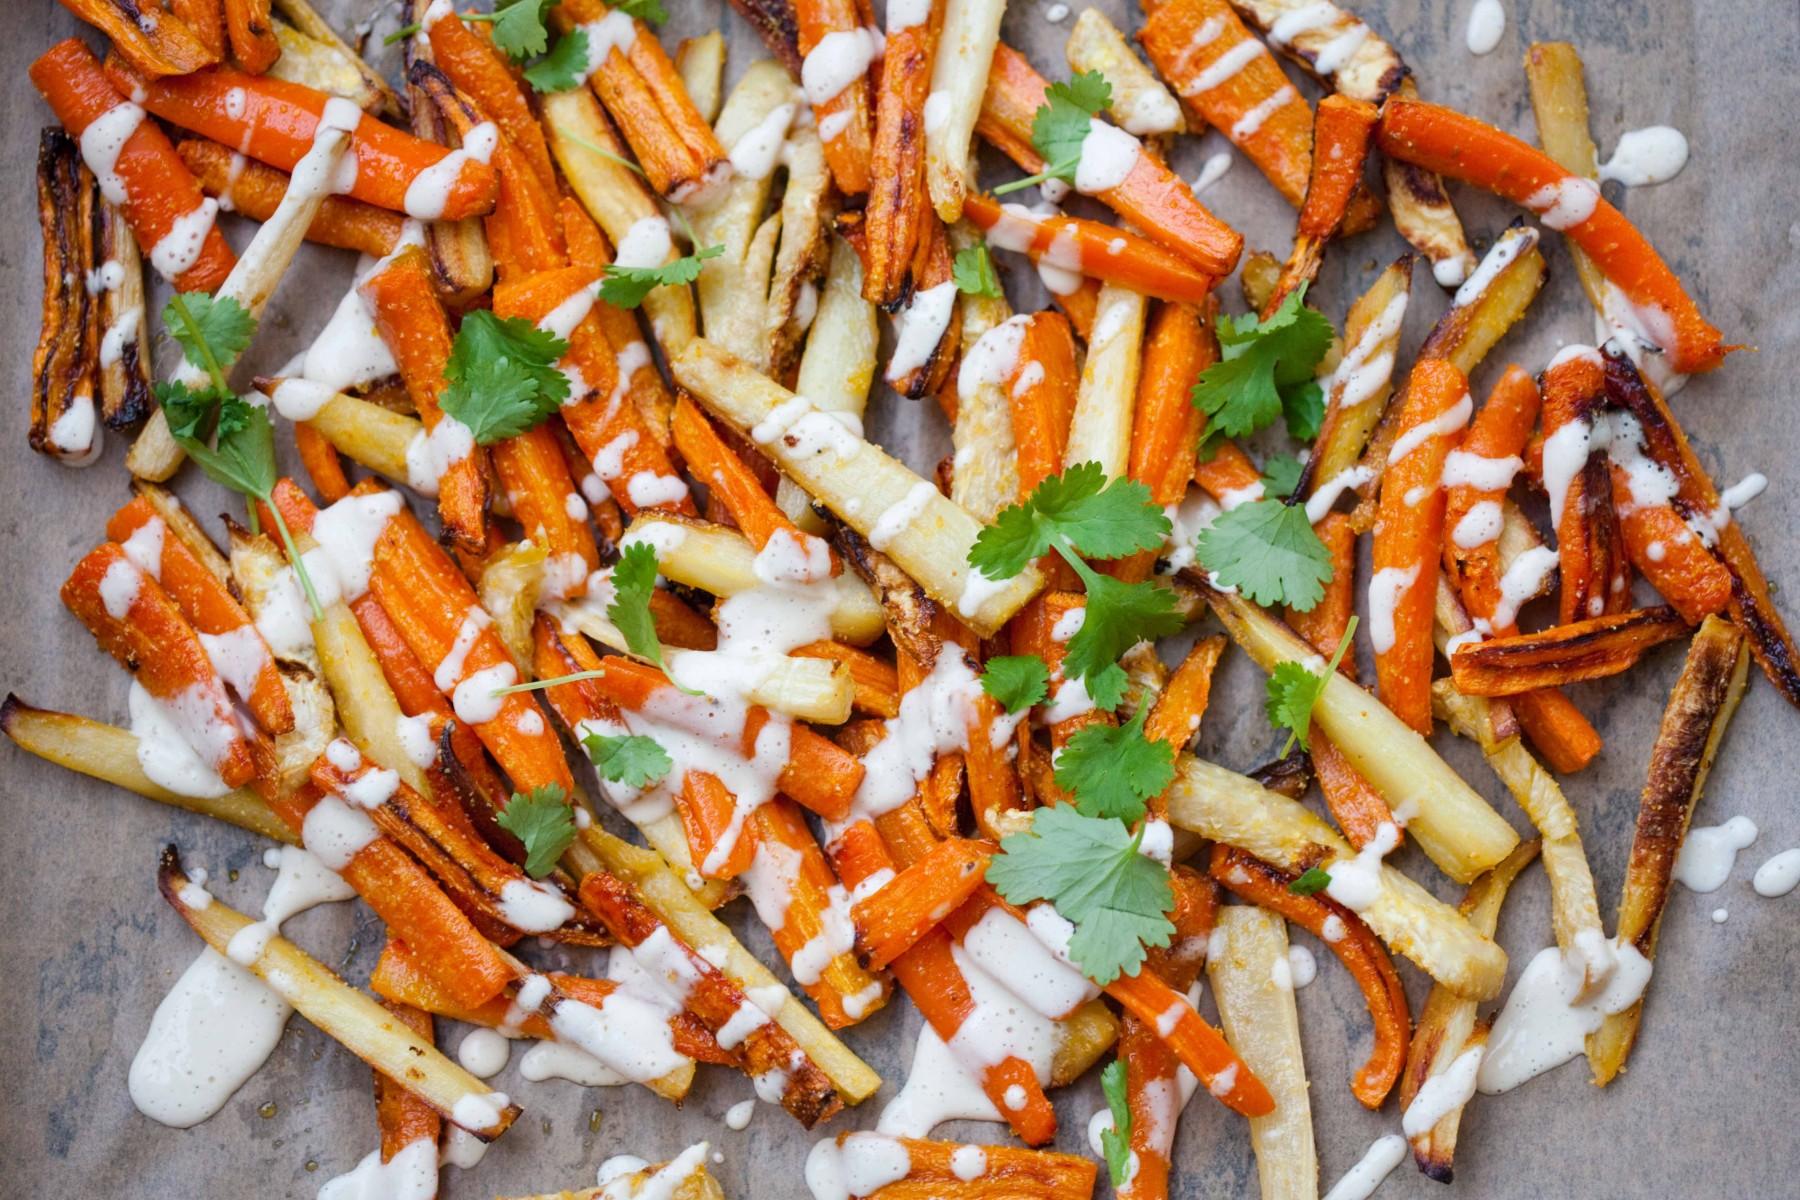 frytki-z-warzyw-korzeniowych-z-sosem-z-tahini